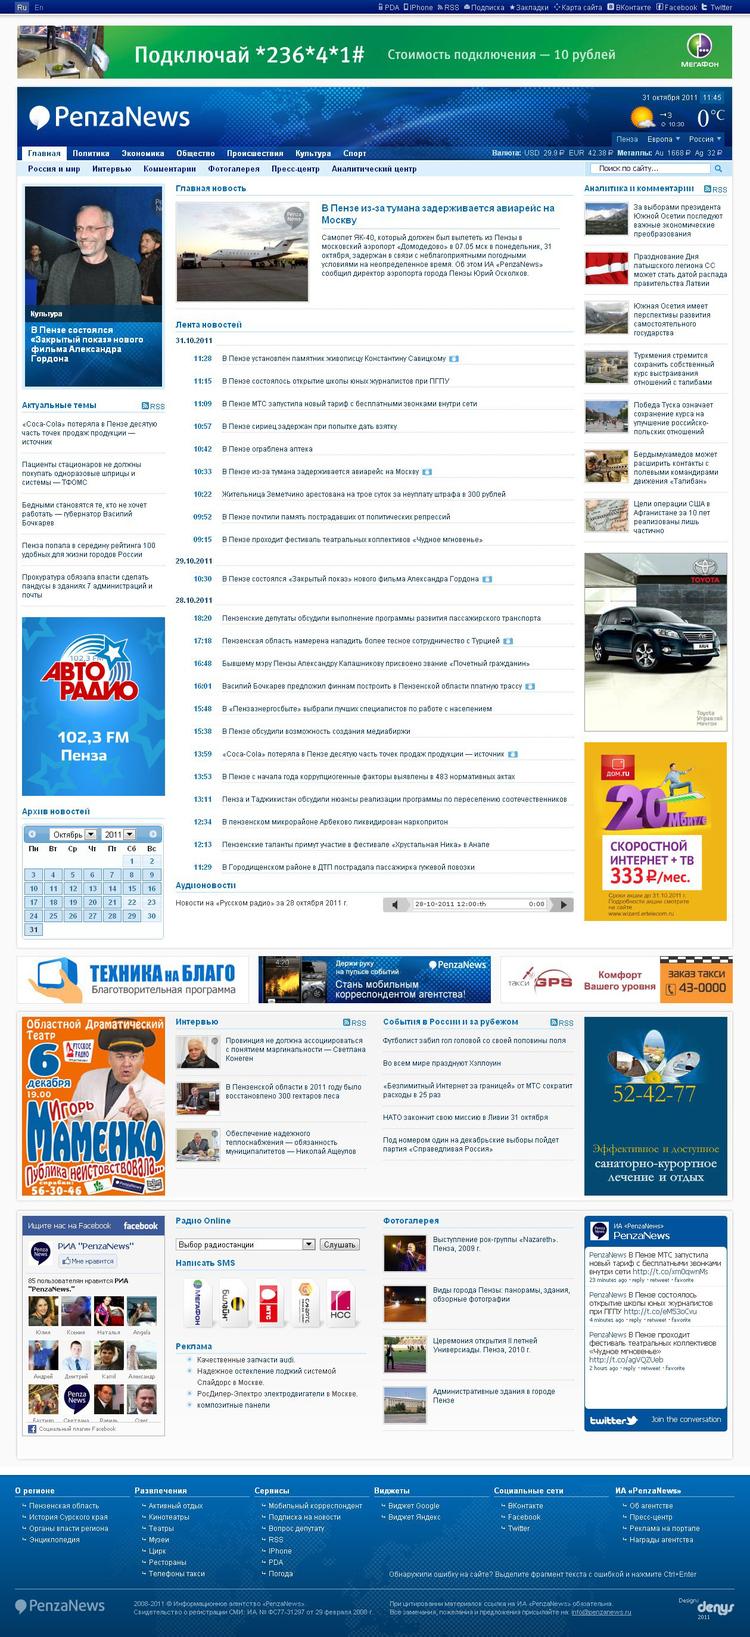 Информационное агентство PenzaNews